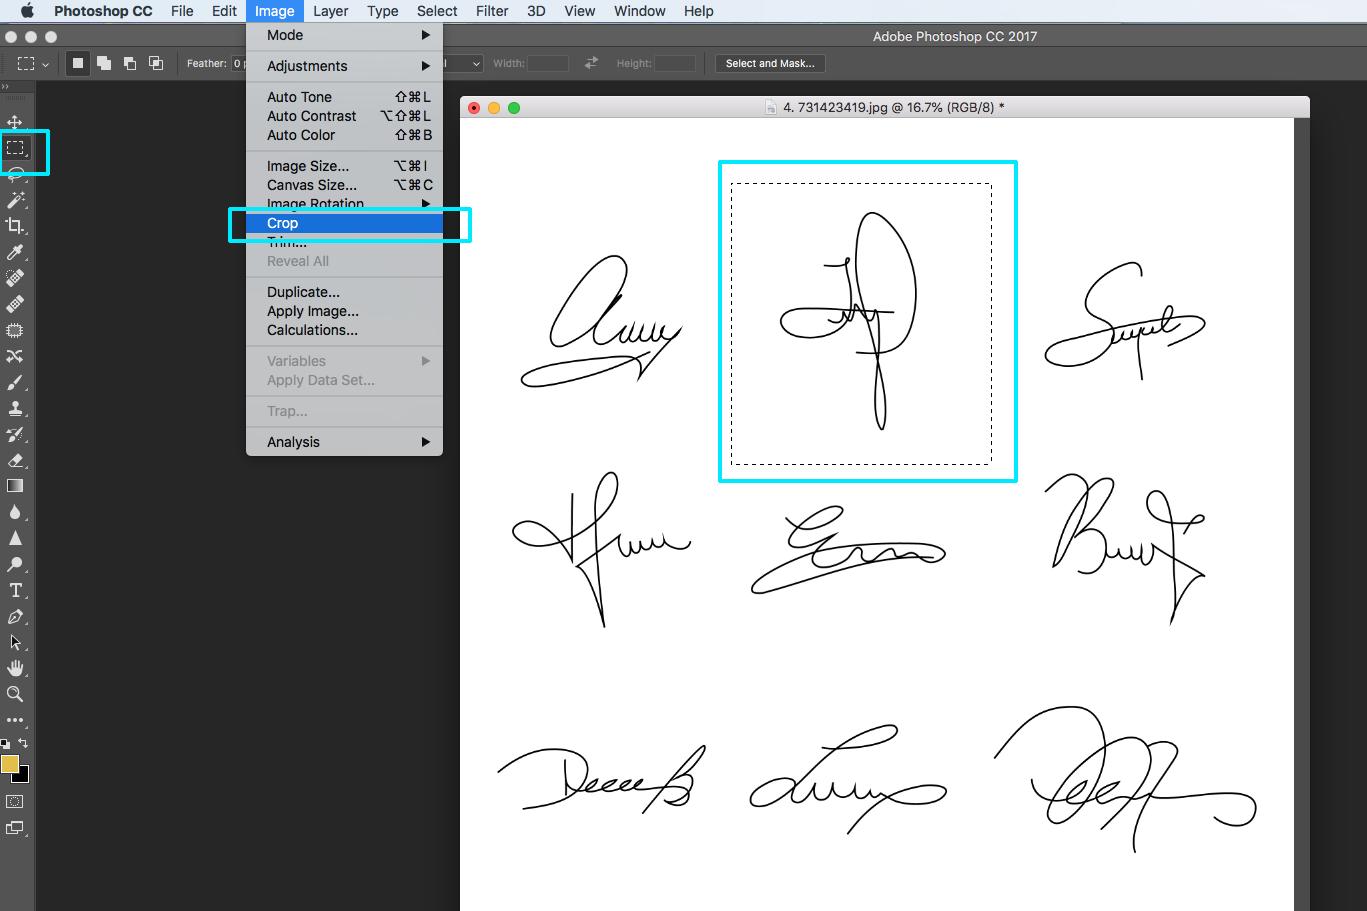 signature watermark logo photoshop